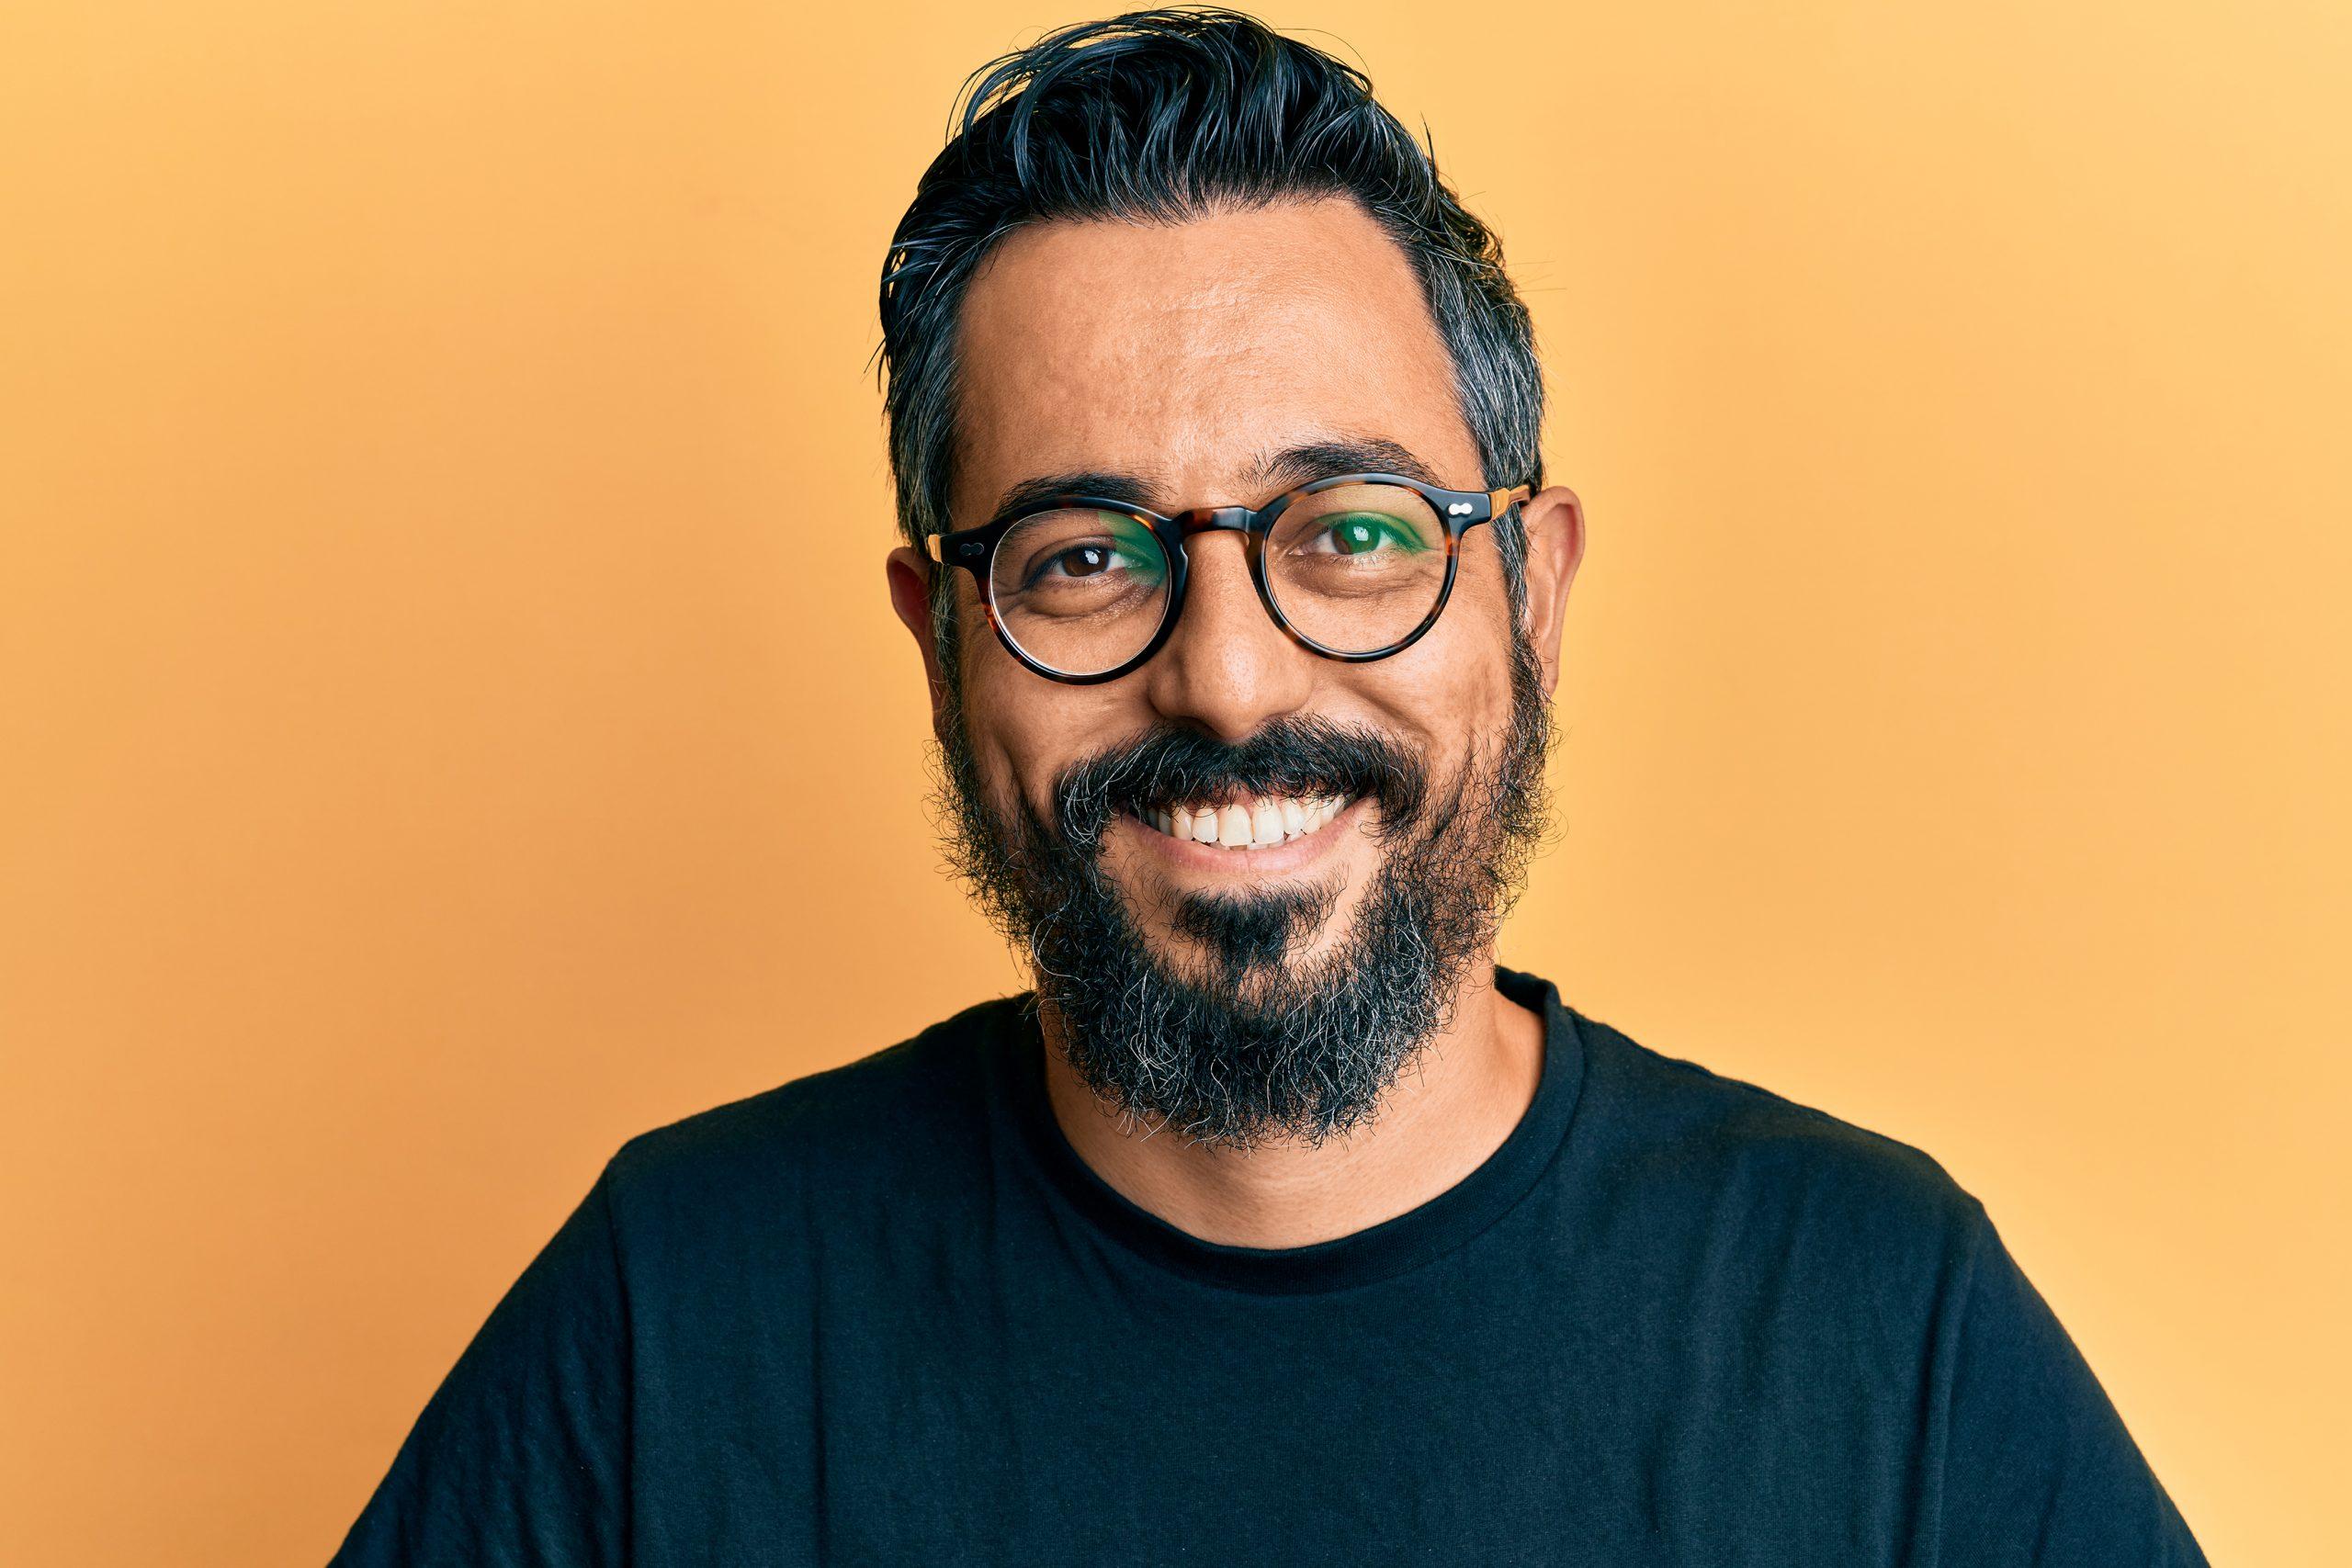 Portrait of Aaron Amat founder of Kraken Images